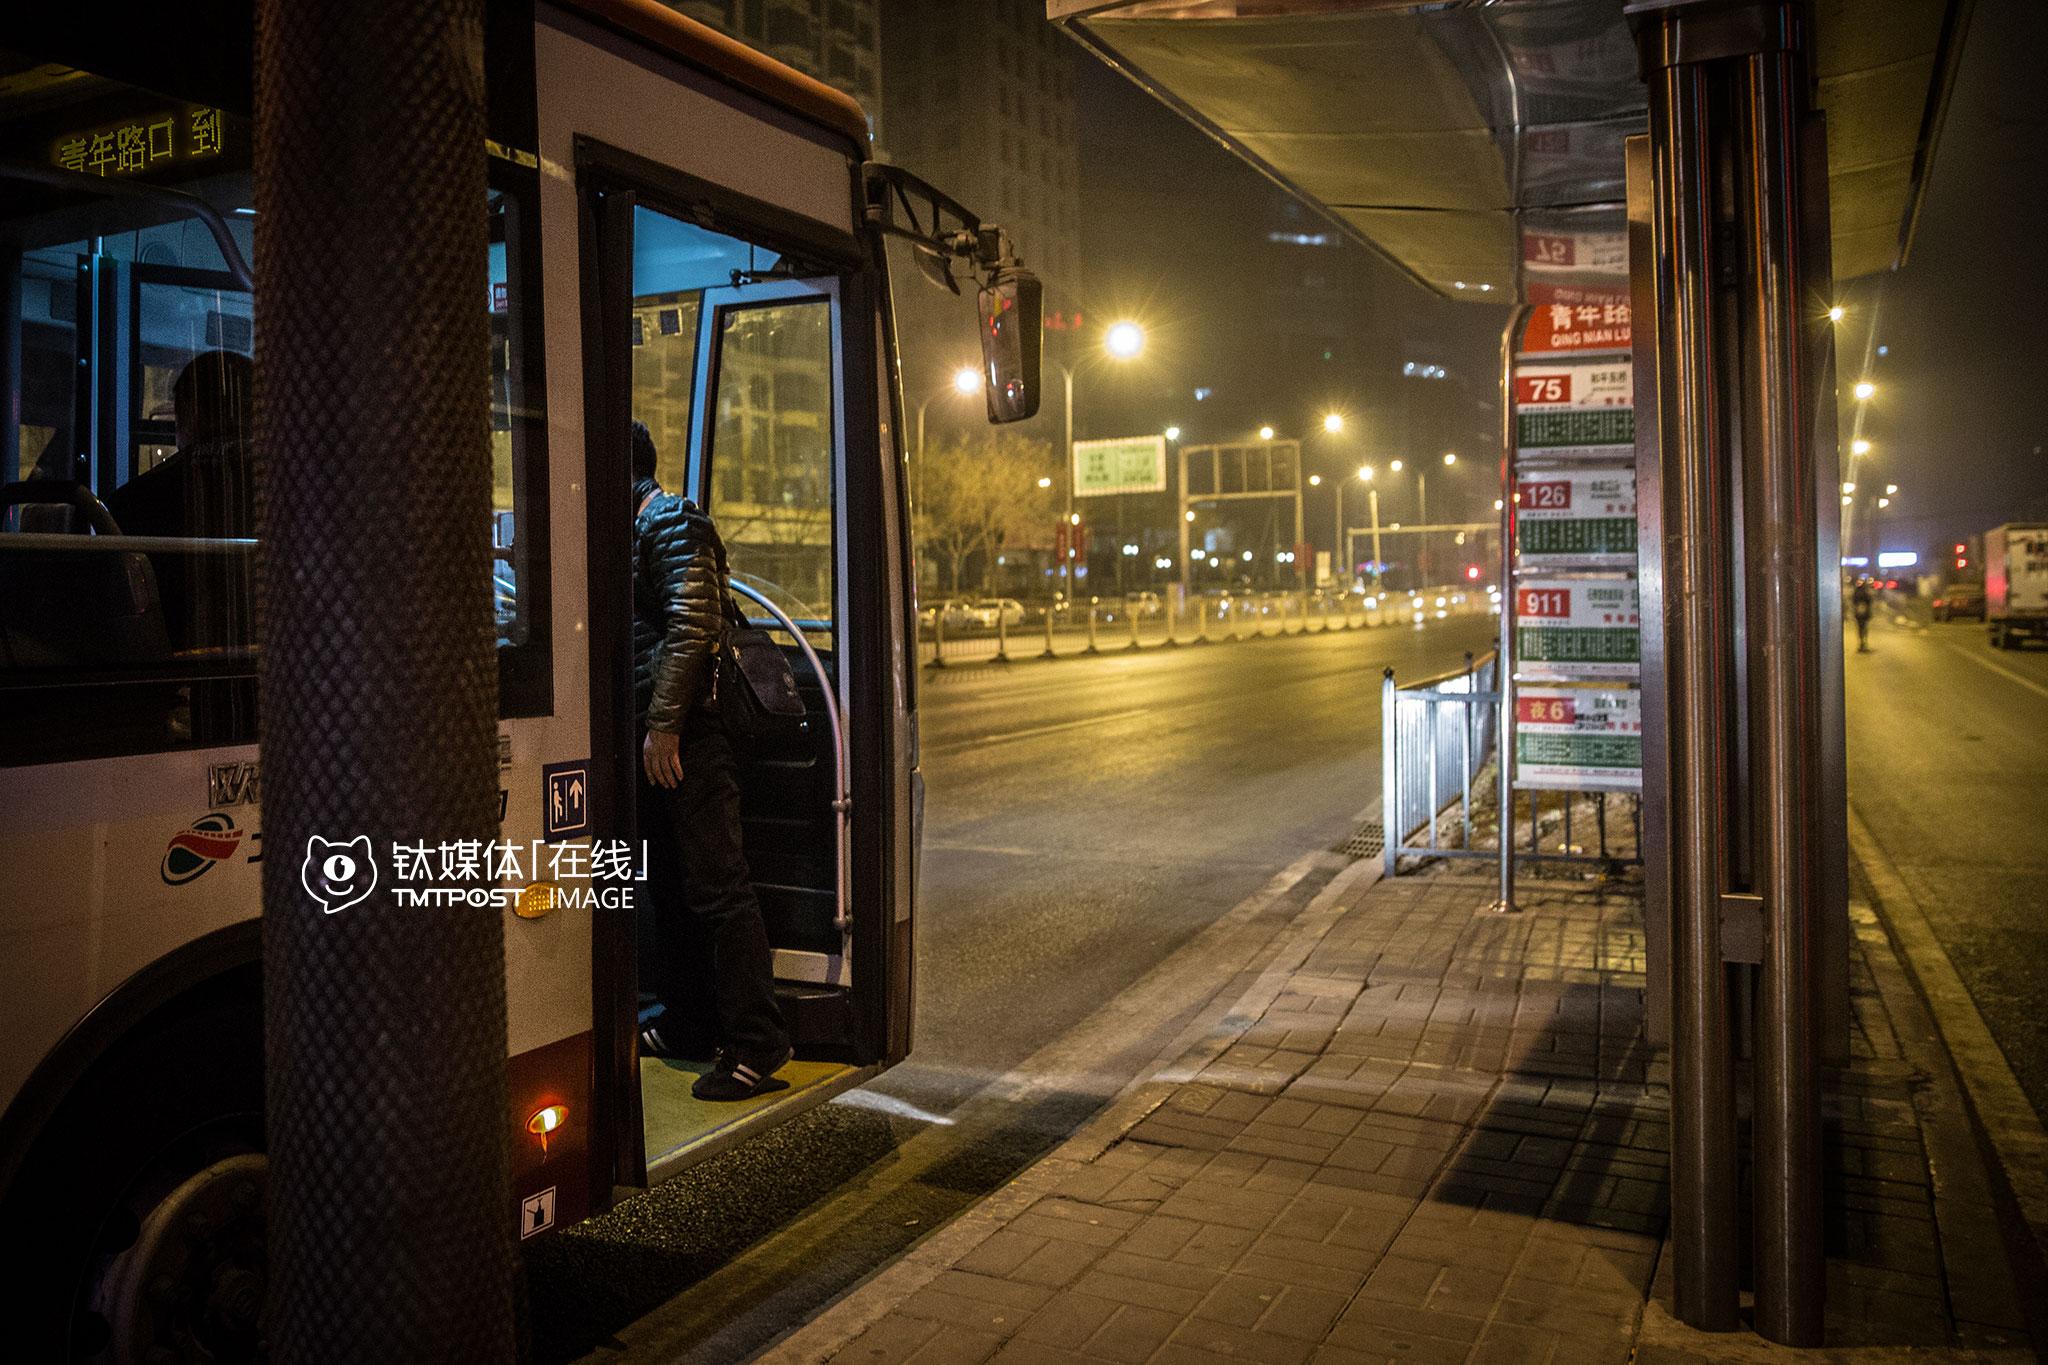 凌晨2点,到站下车后,这名代驾司机发现自己的折叠车不见了,他立即上车询问司机和其他乘客有没有注意到谁拿了他的车。